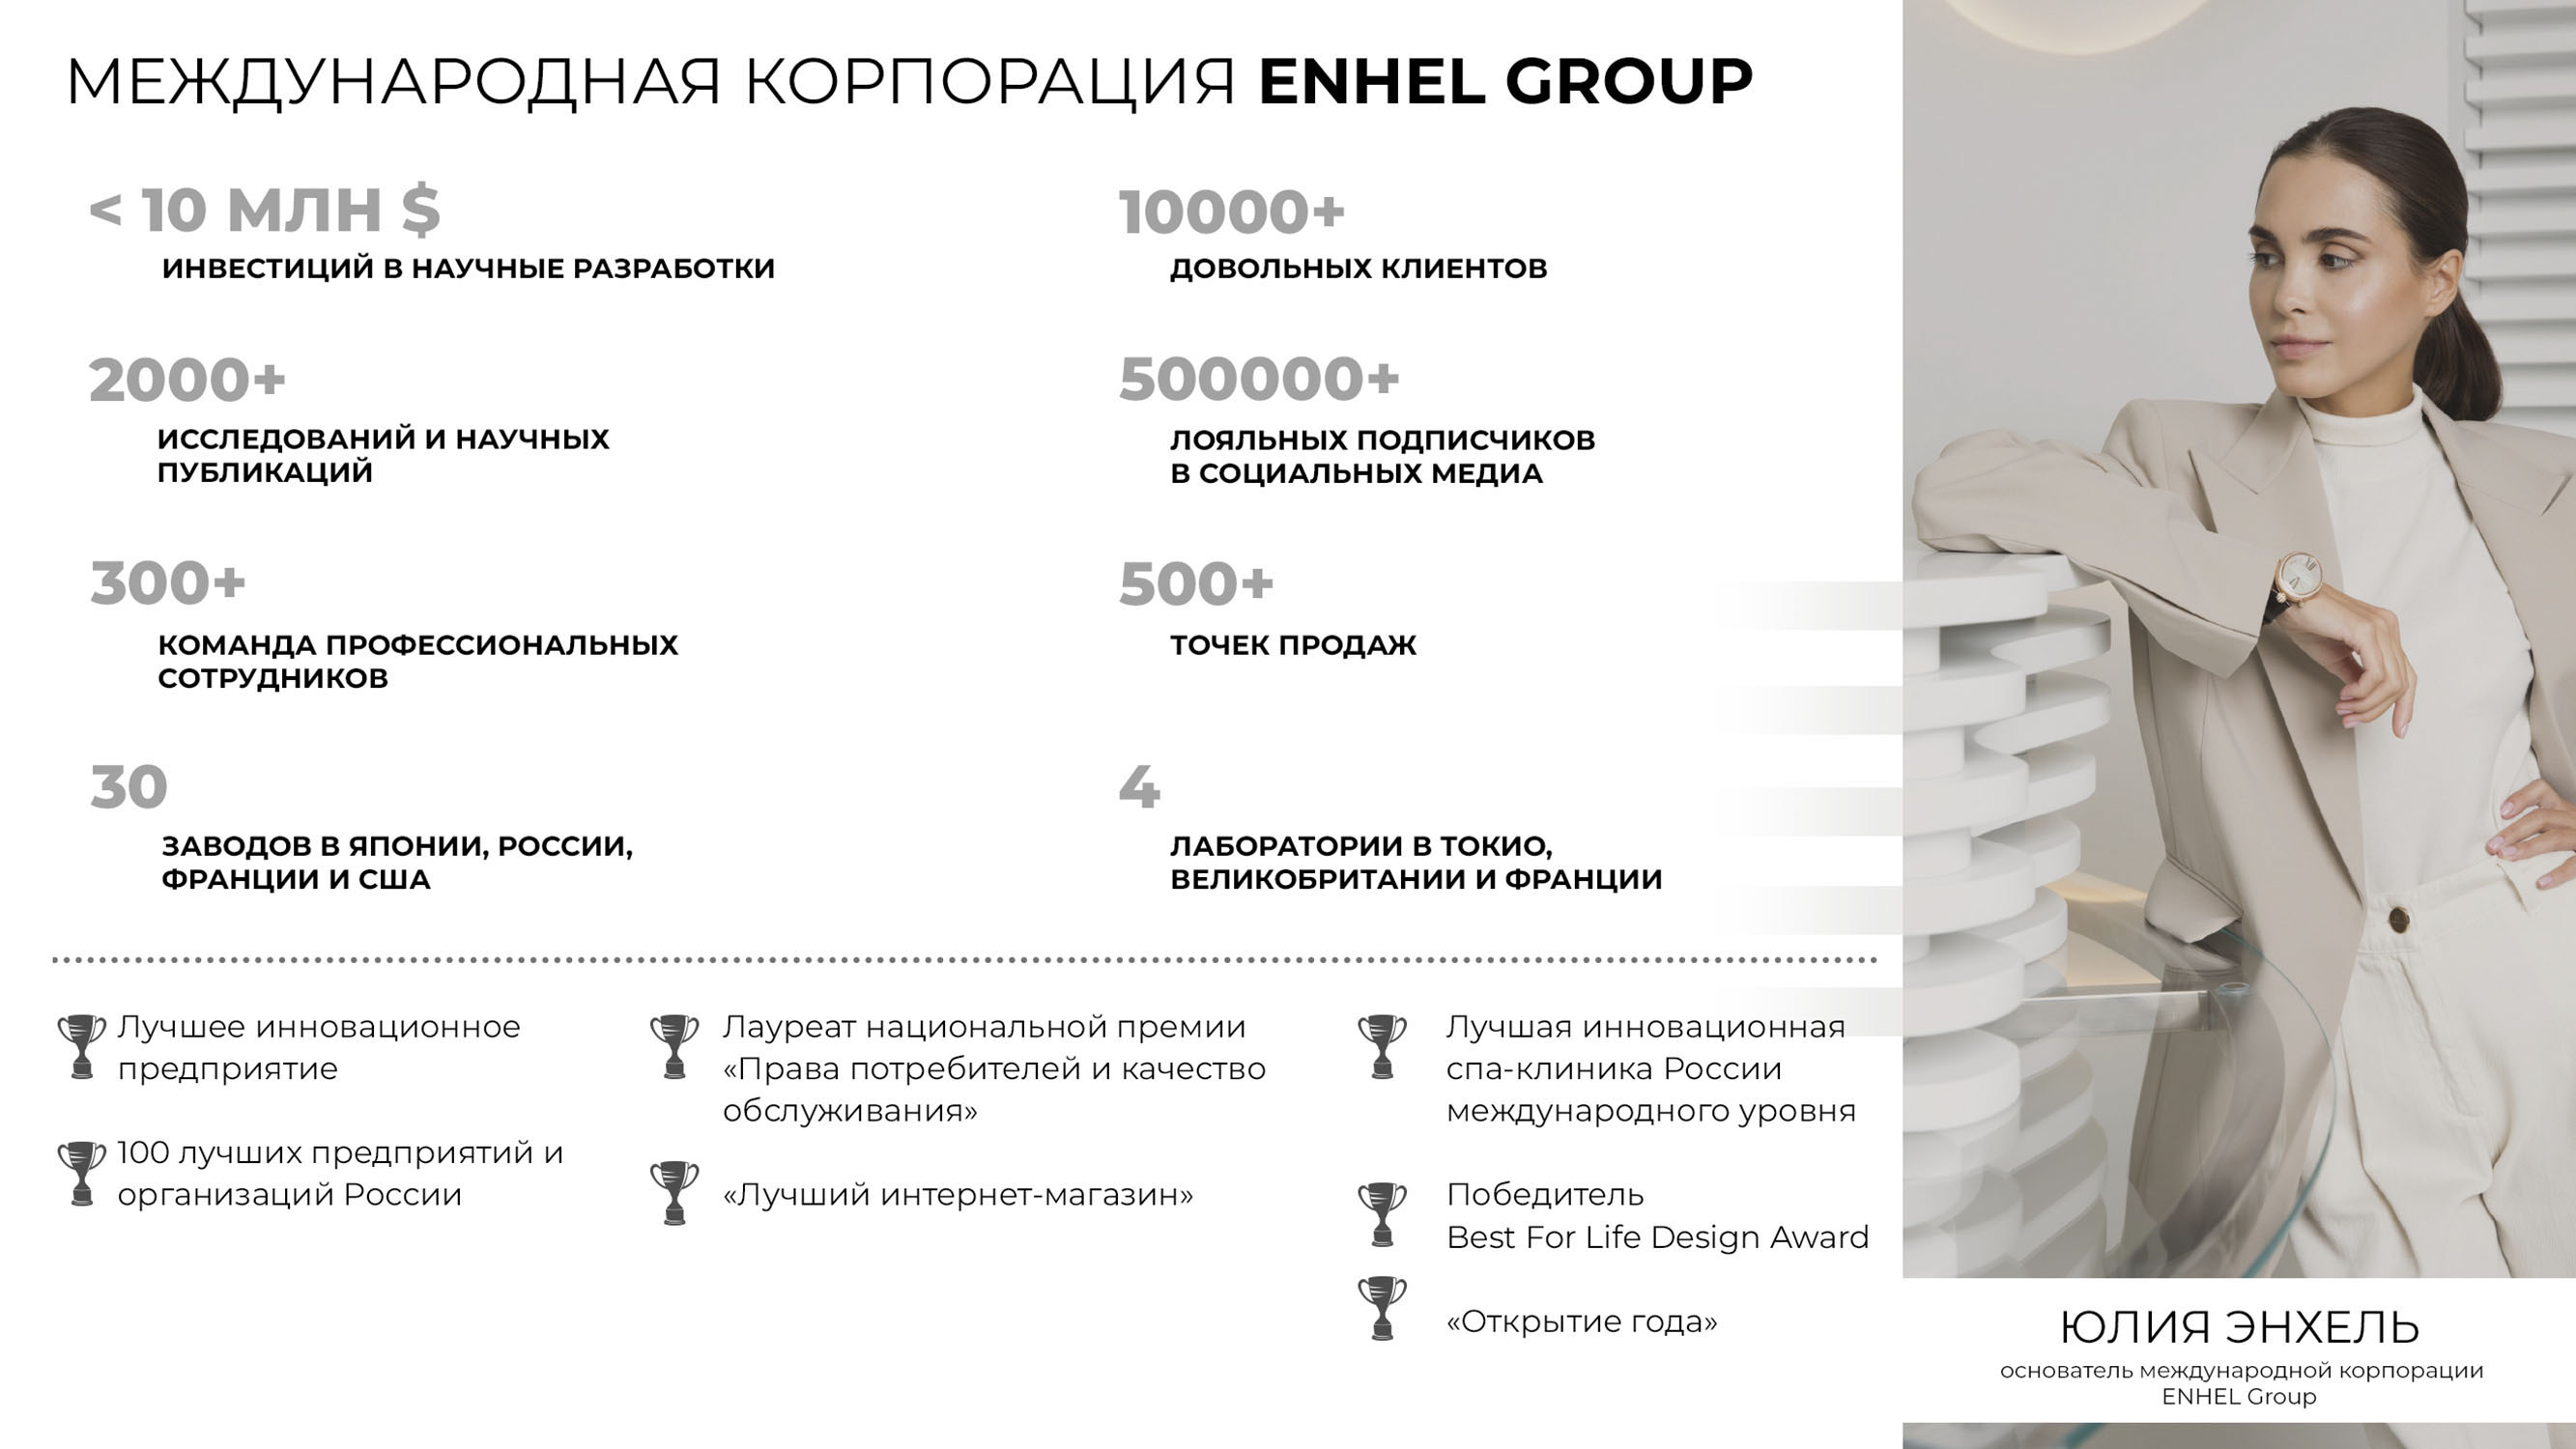 Информация о бренде ENHEL Group